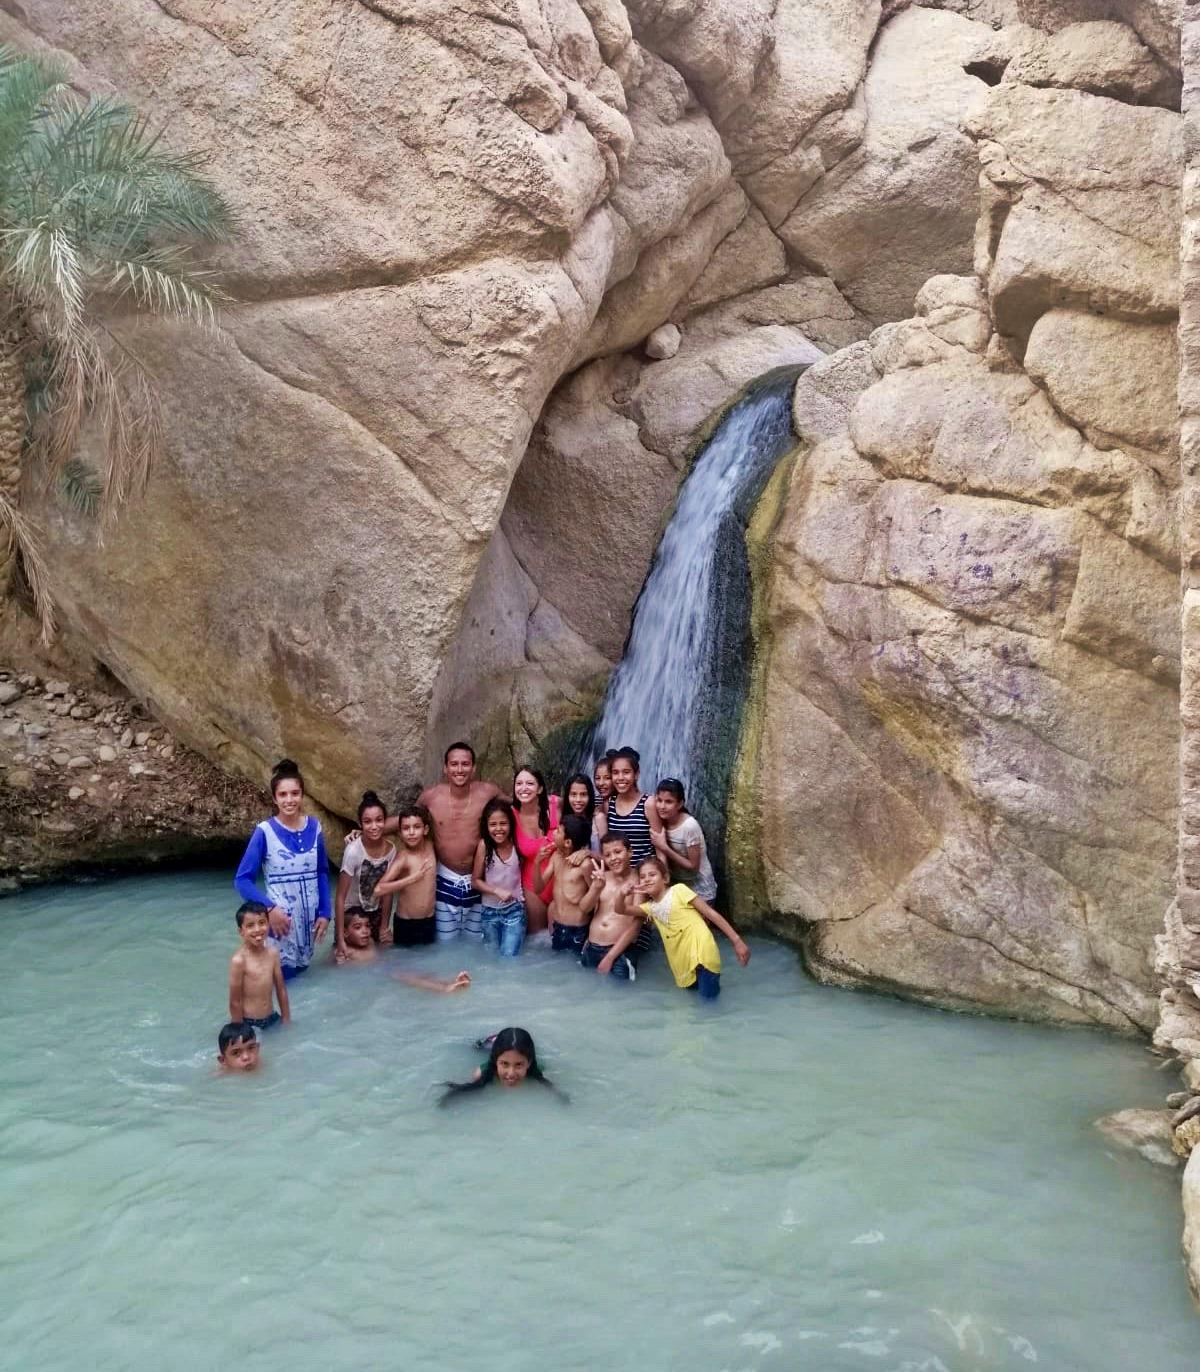 saara_tunisia_chebika_1